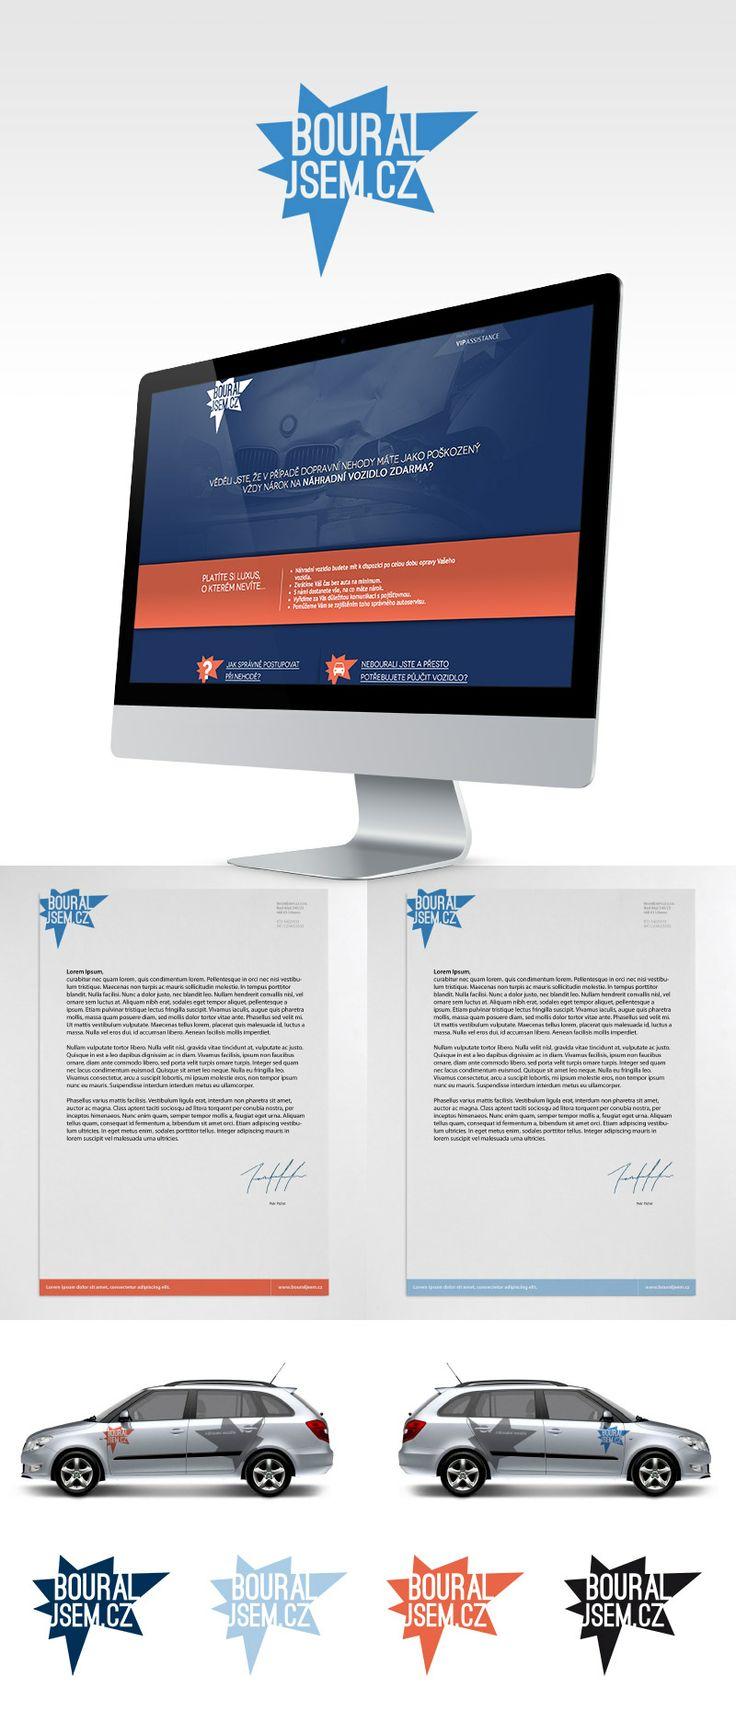 www.bouraljsem.cz #brand #logotype #webdesign